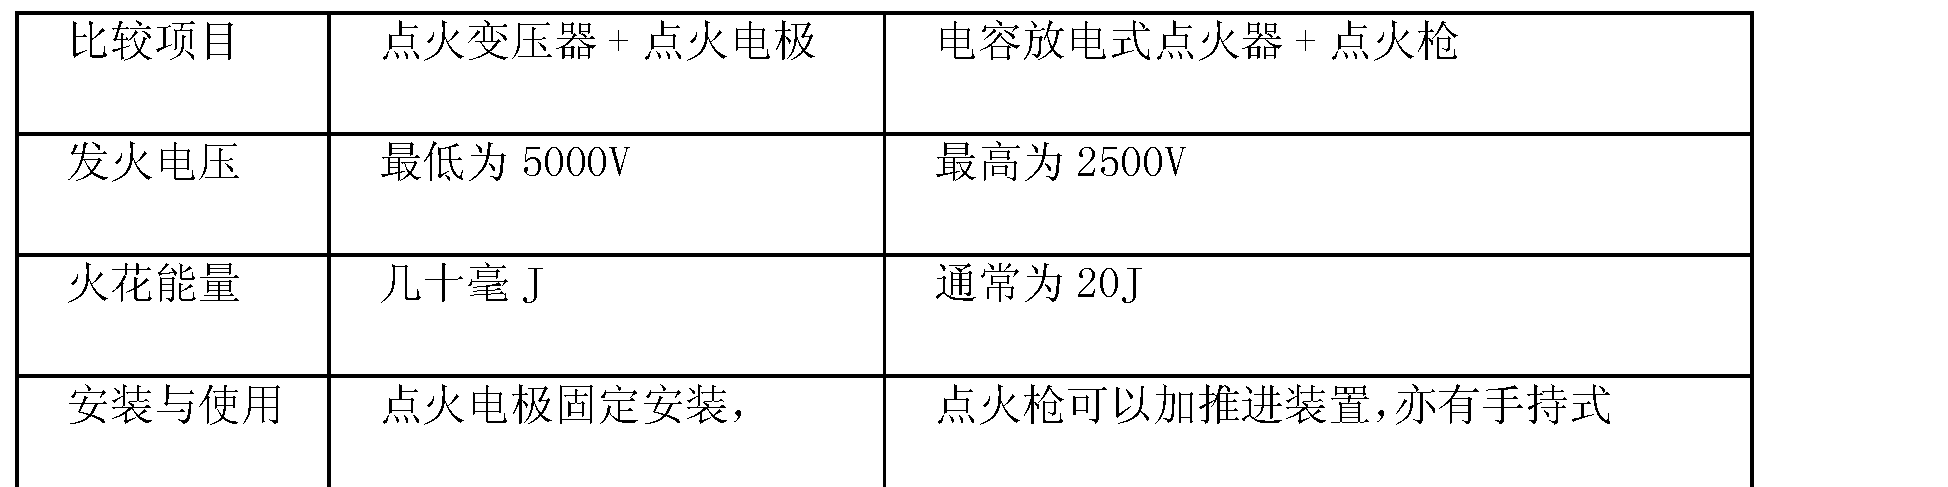 Figure CN101576314BD00081